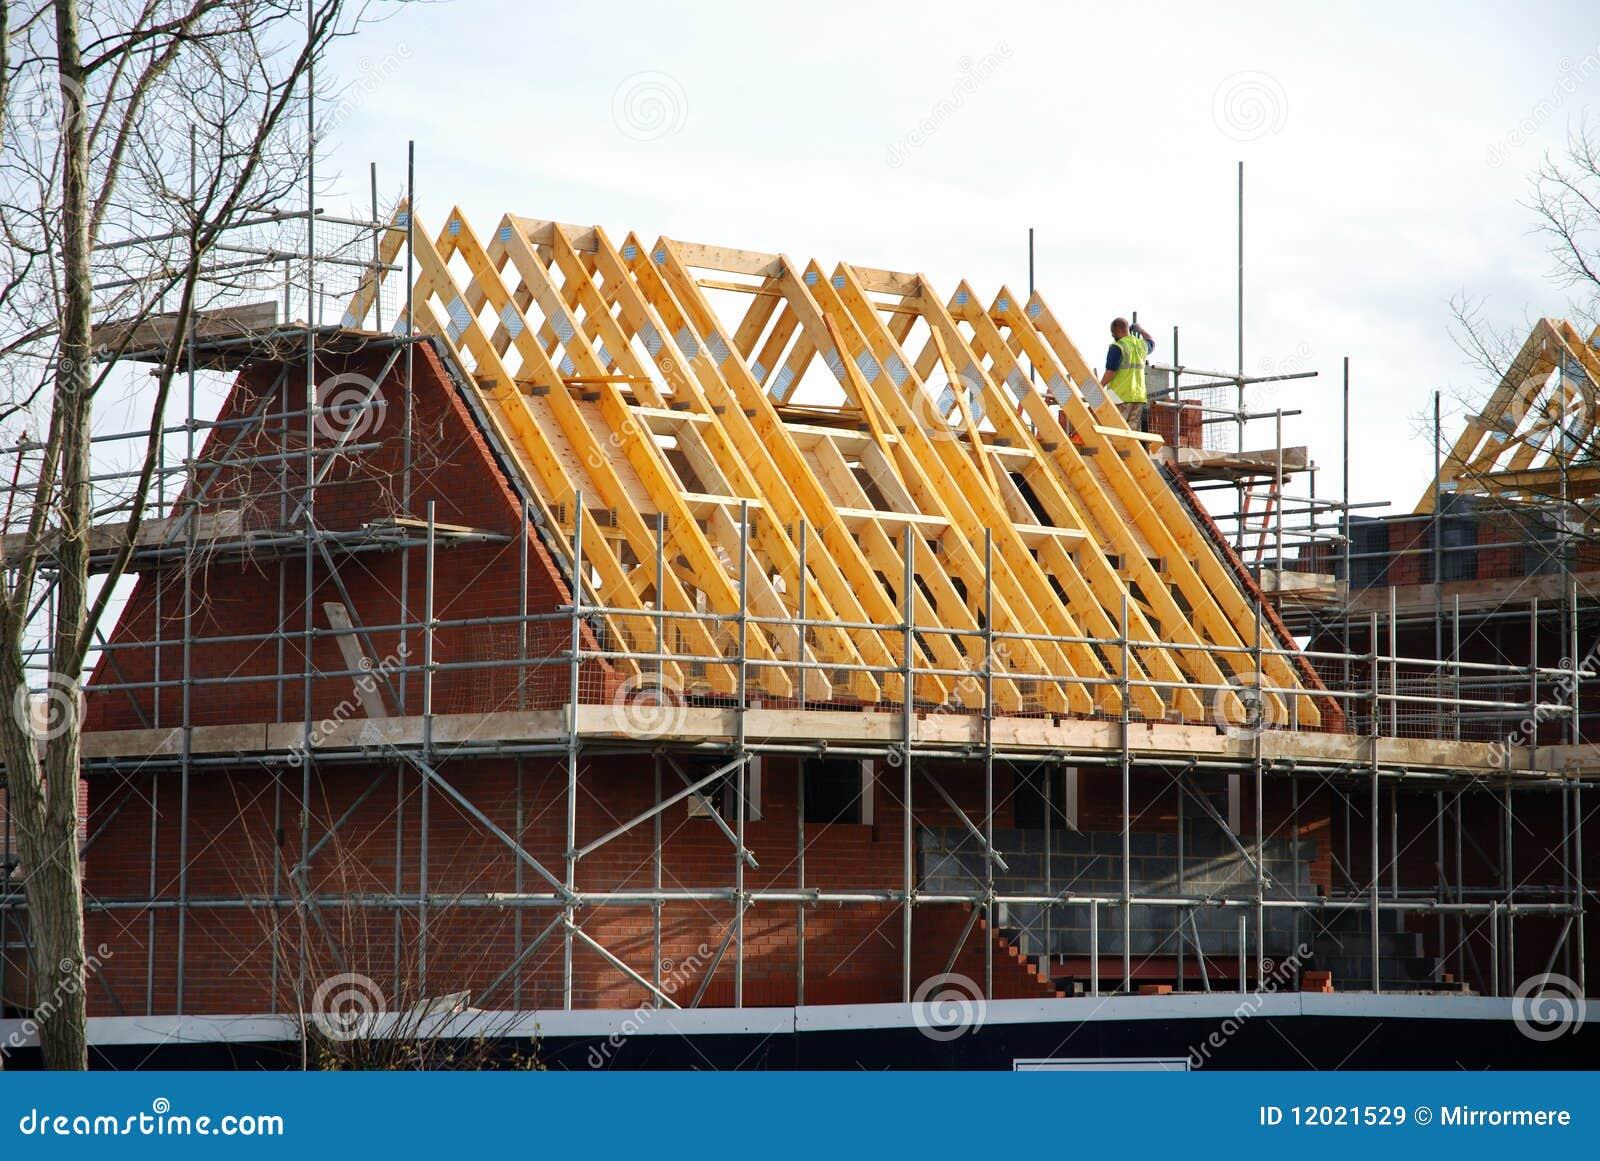 nieuw bouw huis stock afbeelding afbeelding bestaande uit